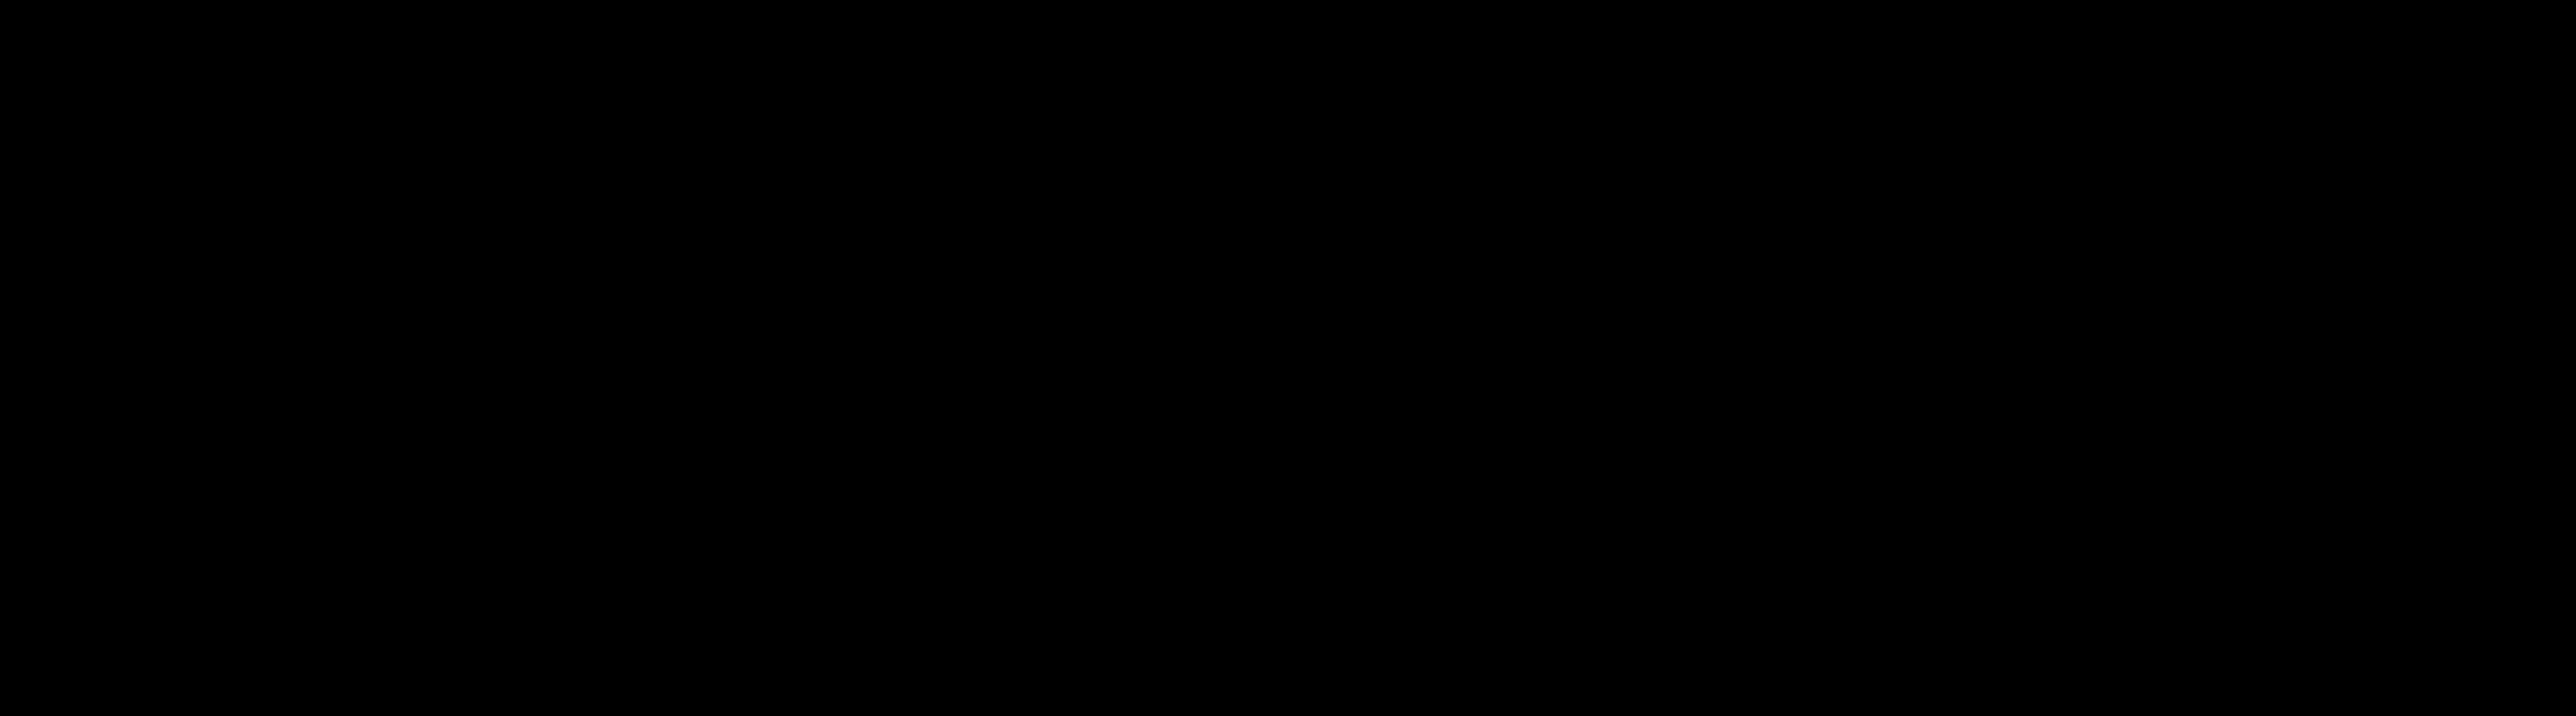 Degmeda